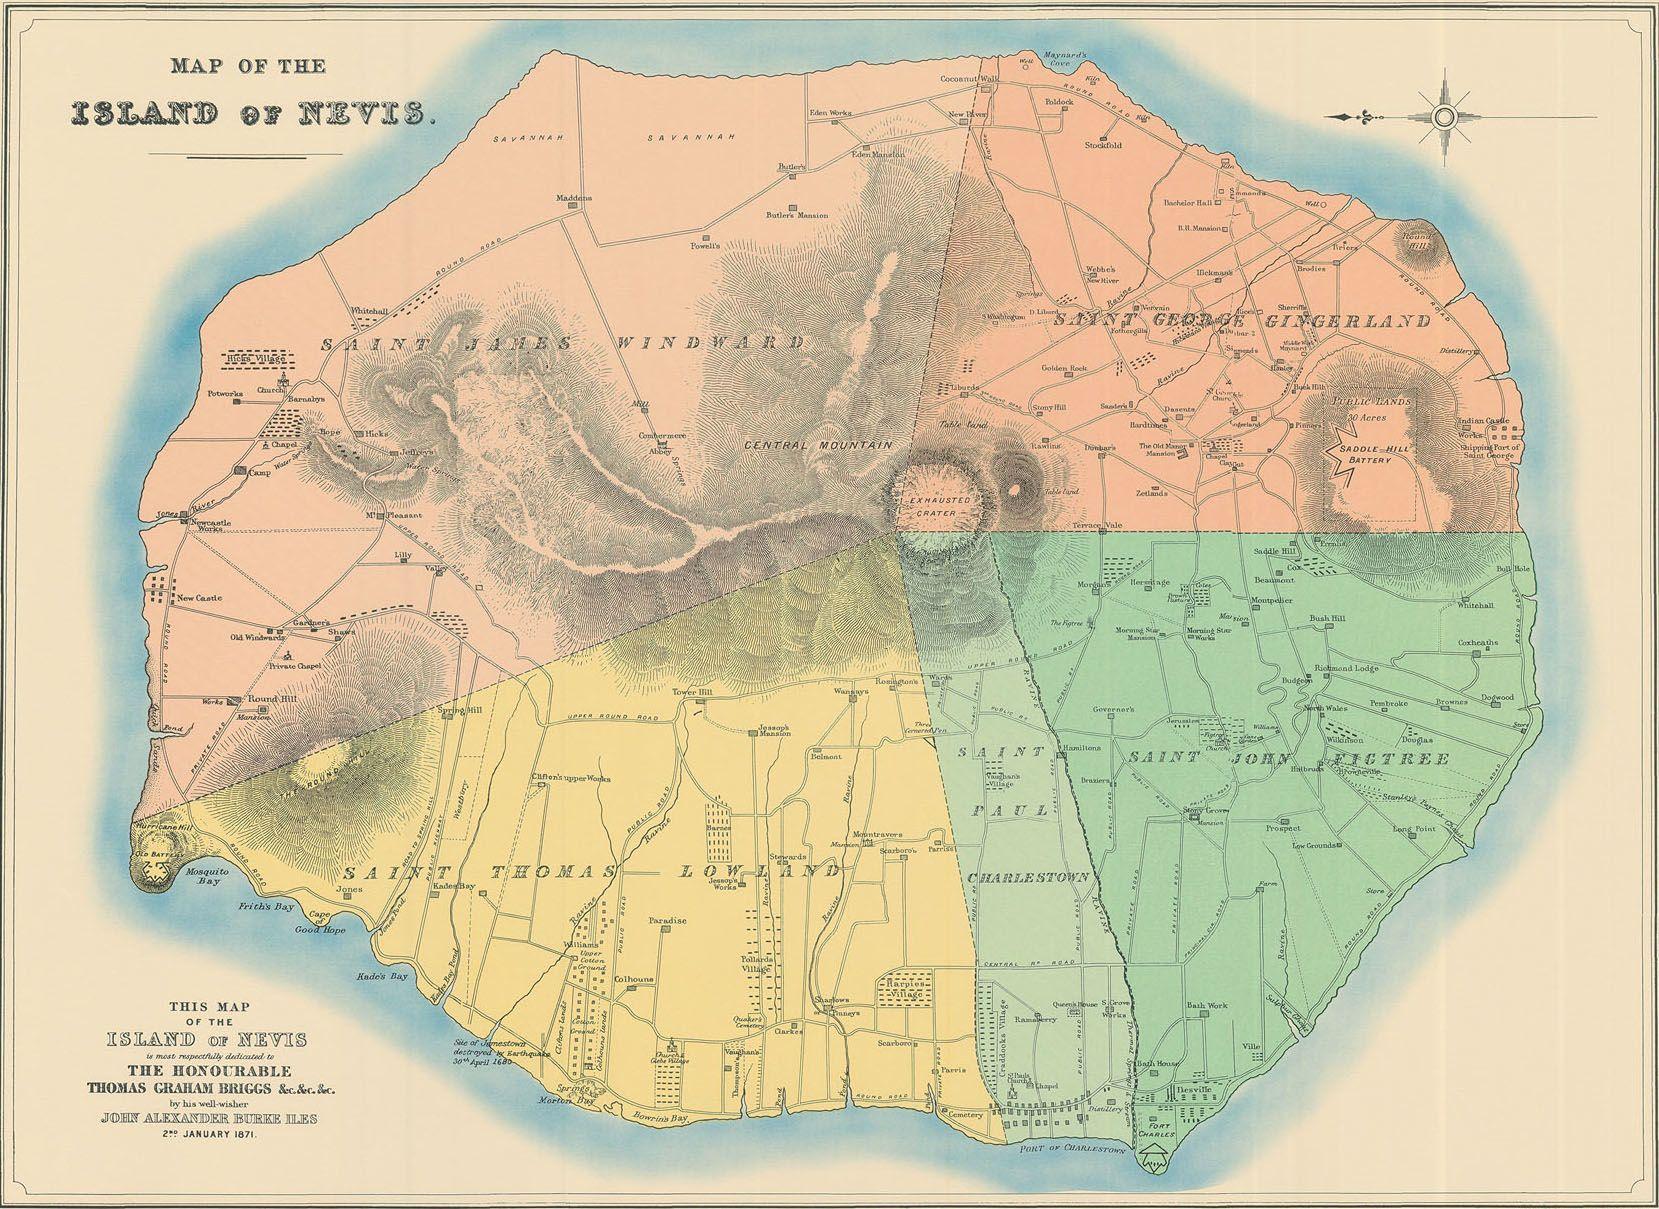 Nevis Map 1871  Nevis  Pinterest  Nevis west indies St kitts